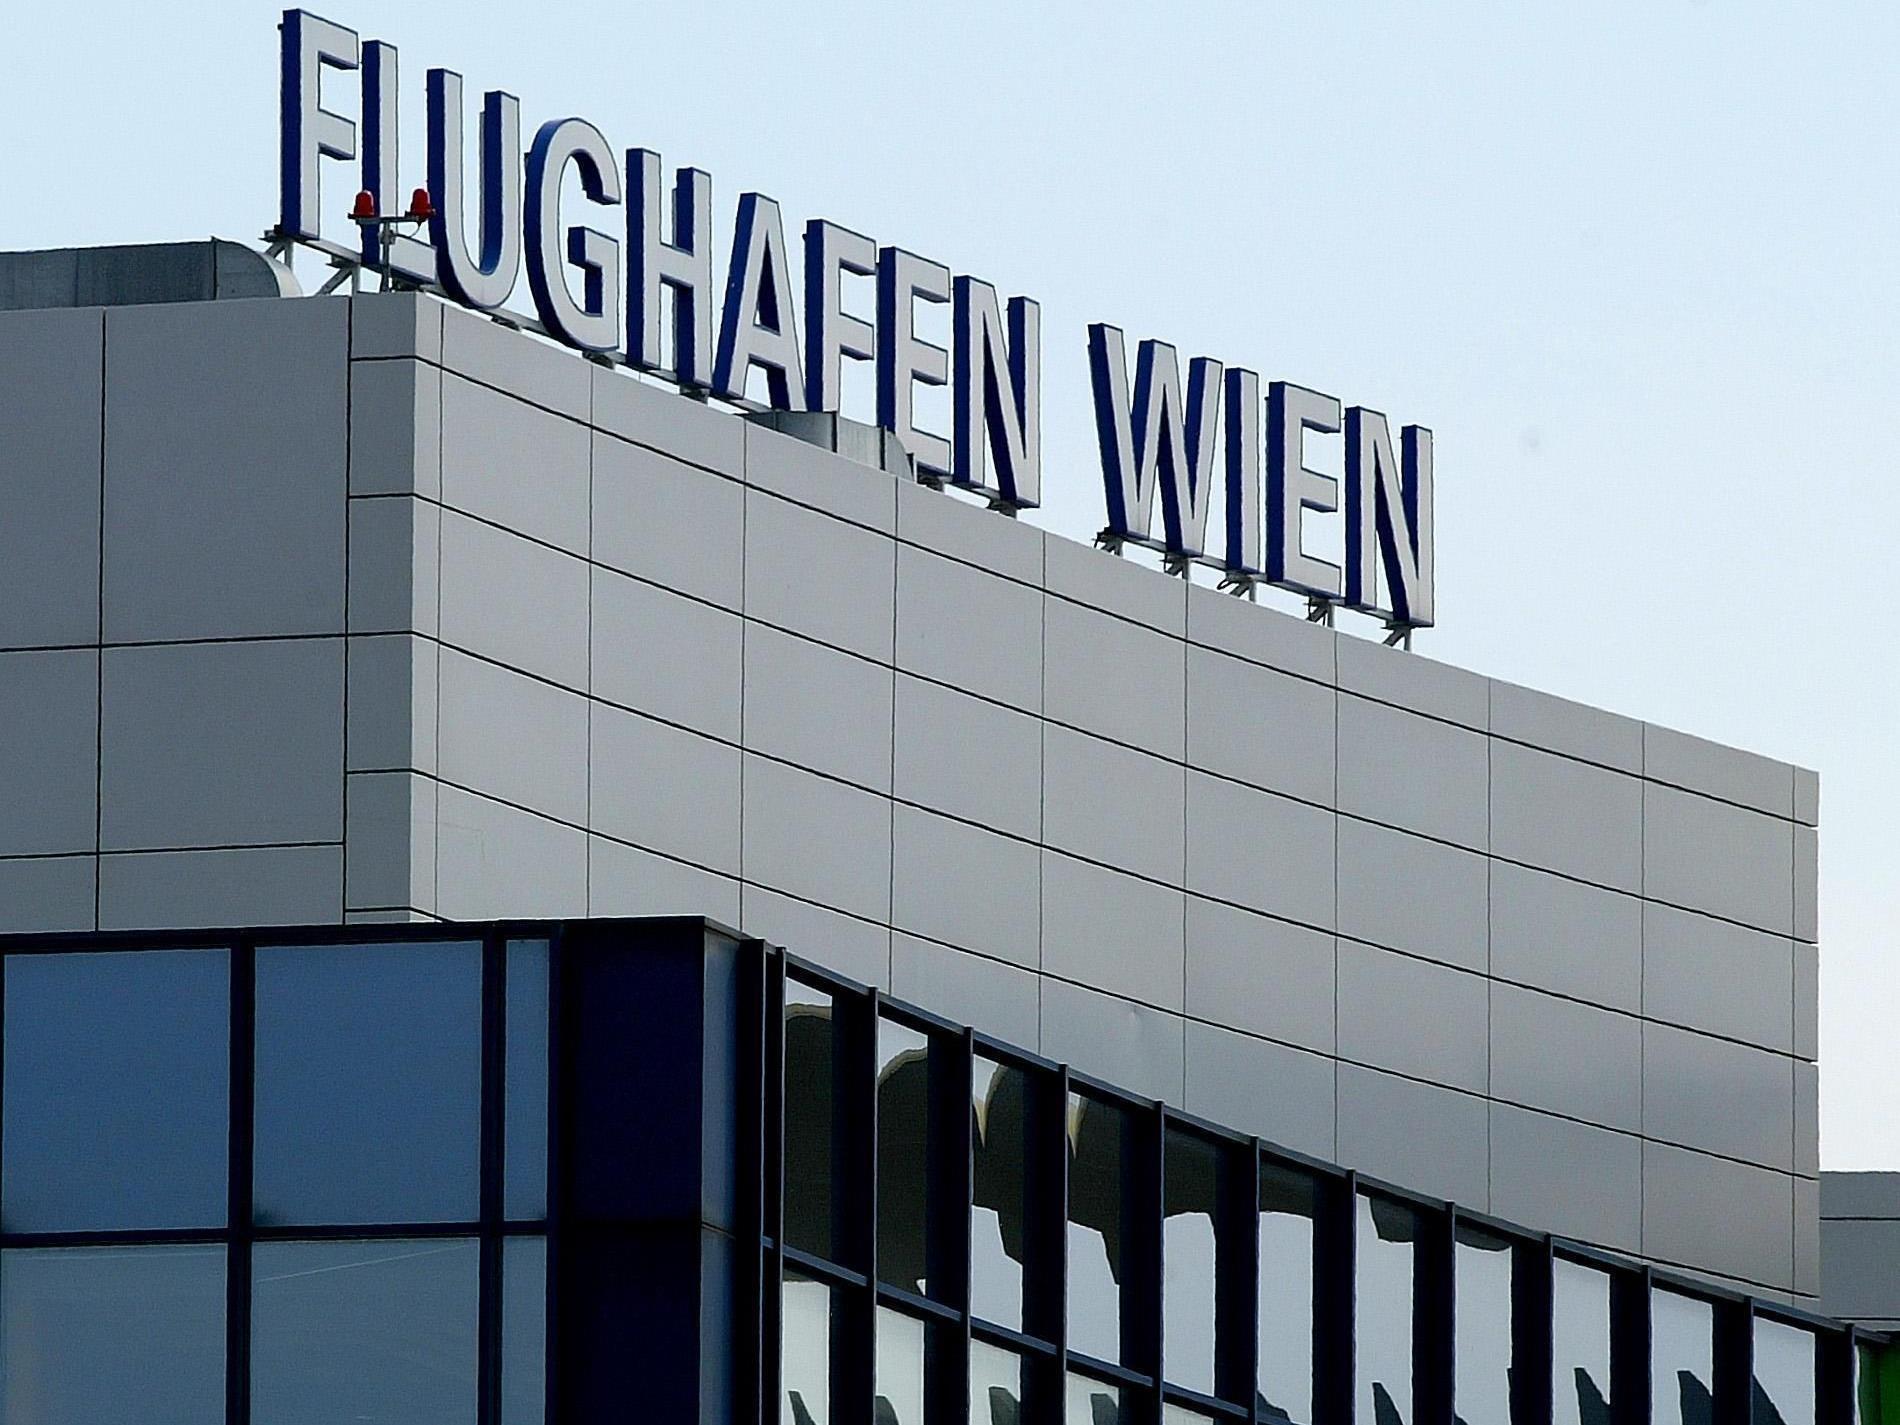 Mehr als sechs Stunden verbrachten die Fluggäste in Wien.